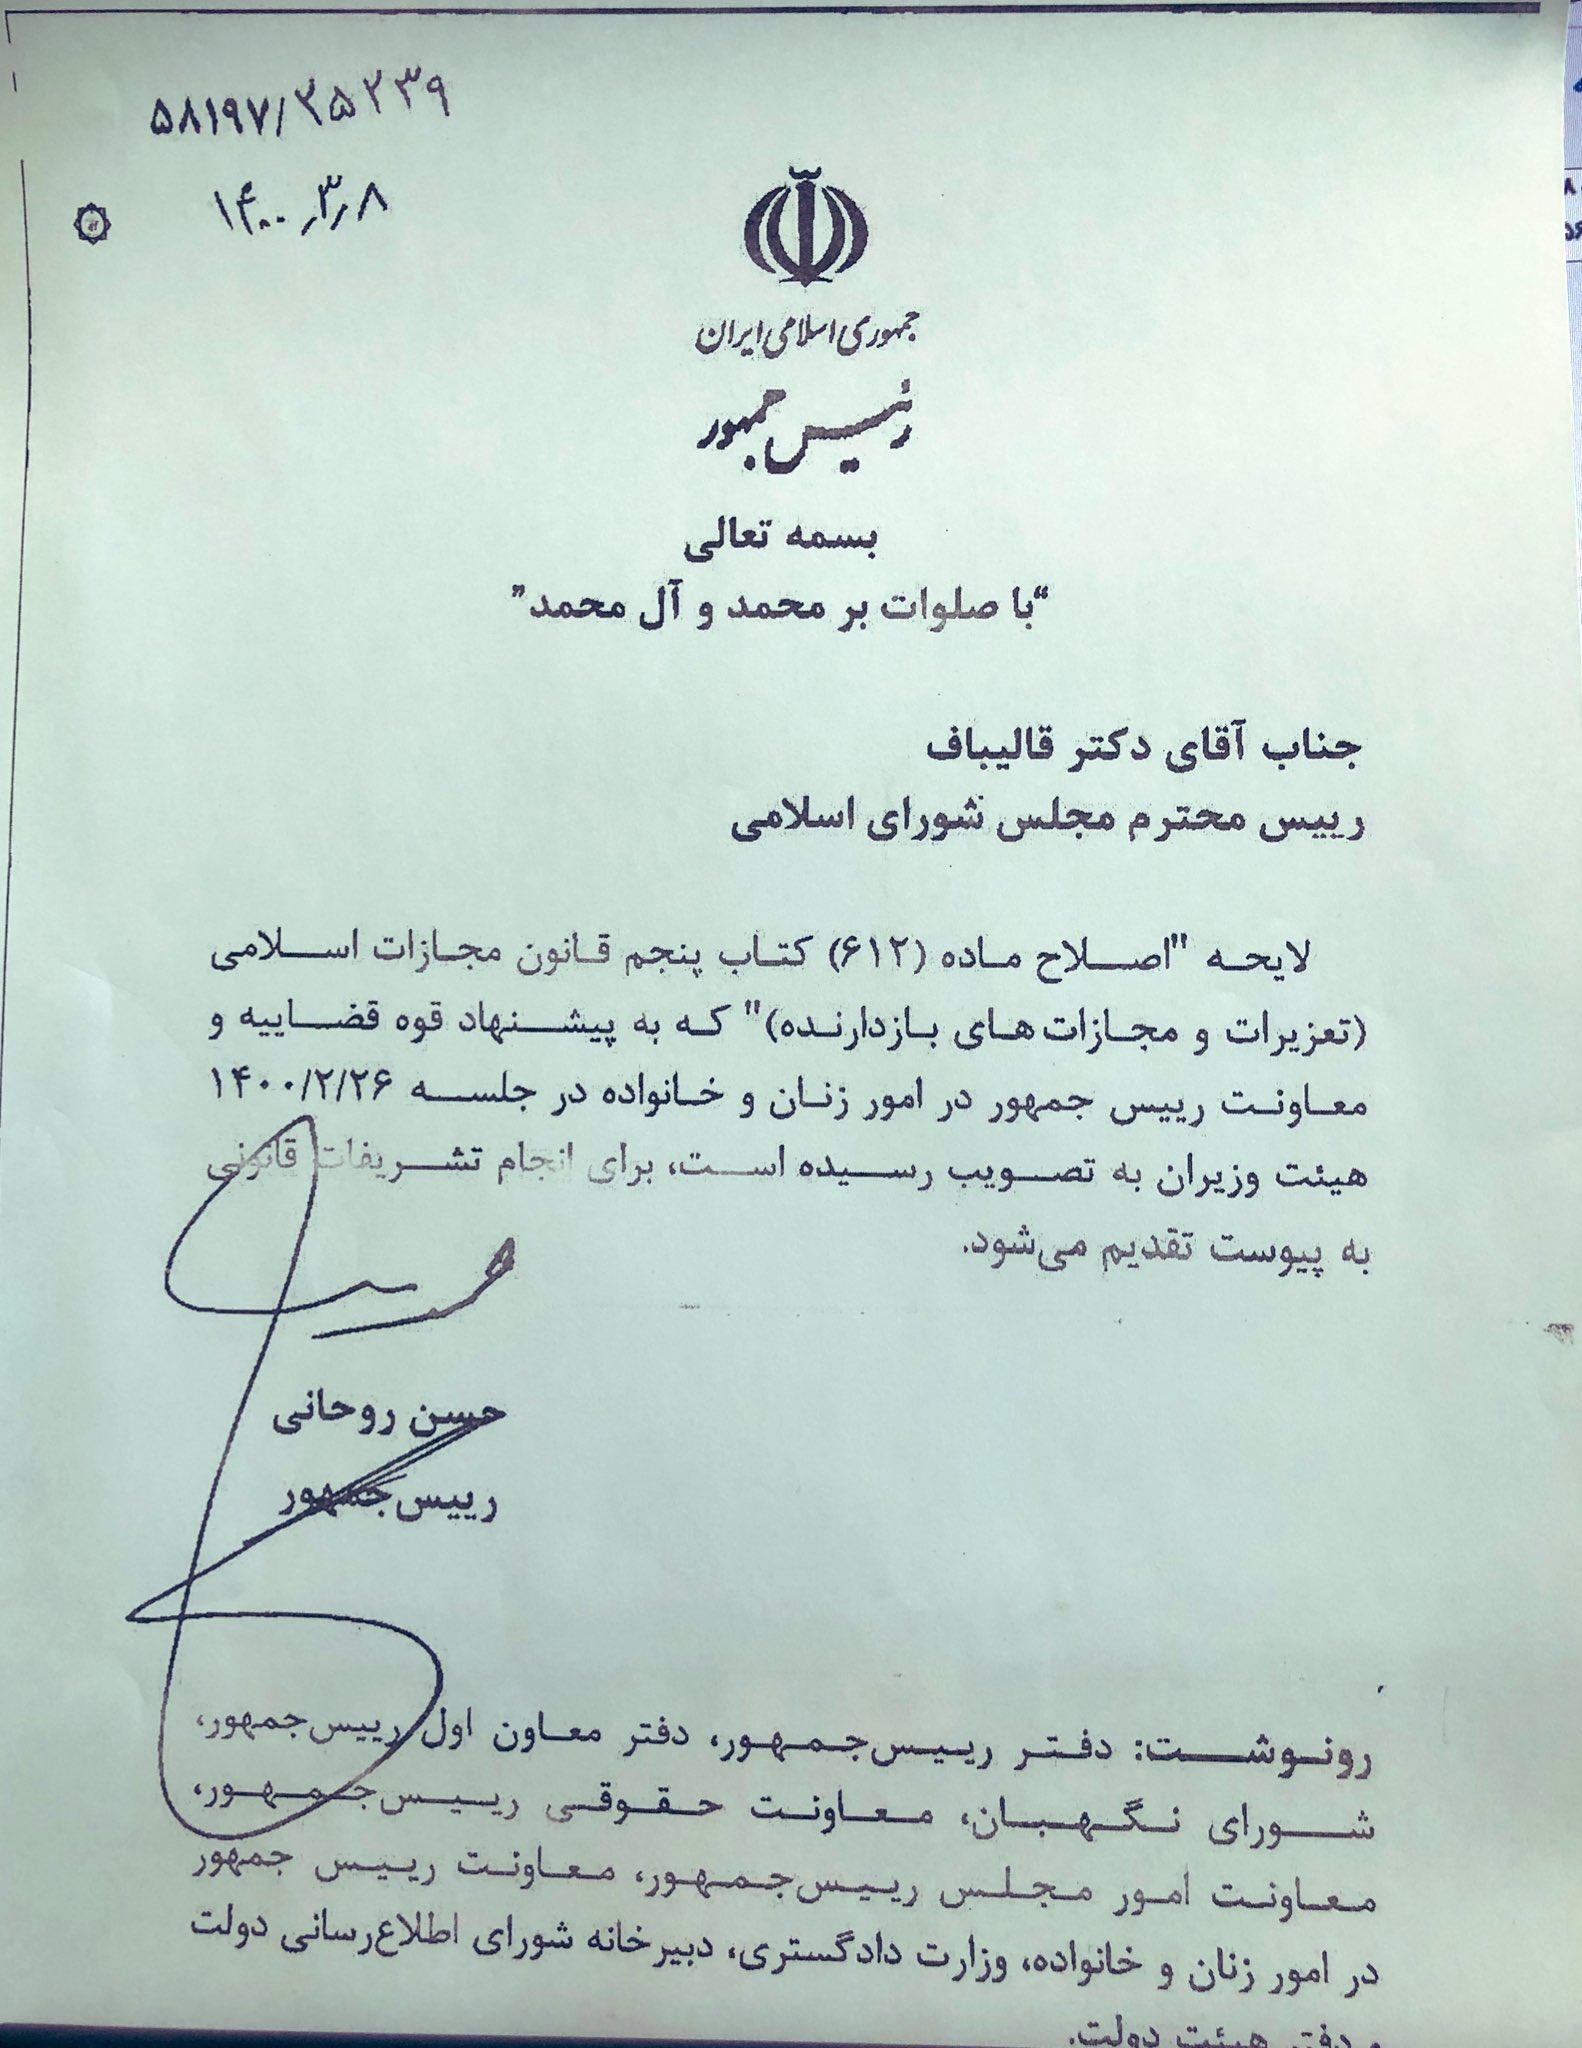 ارسال لایحه «تشدید مجازات پدر در صورت قتل فرزند» به مجلس